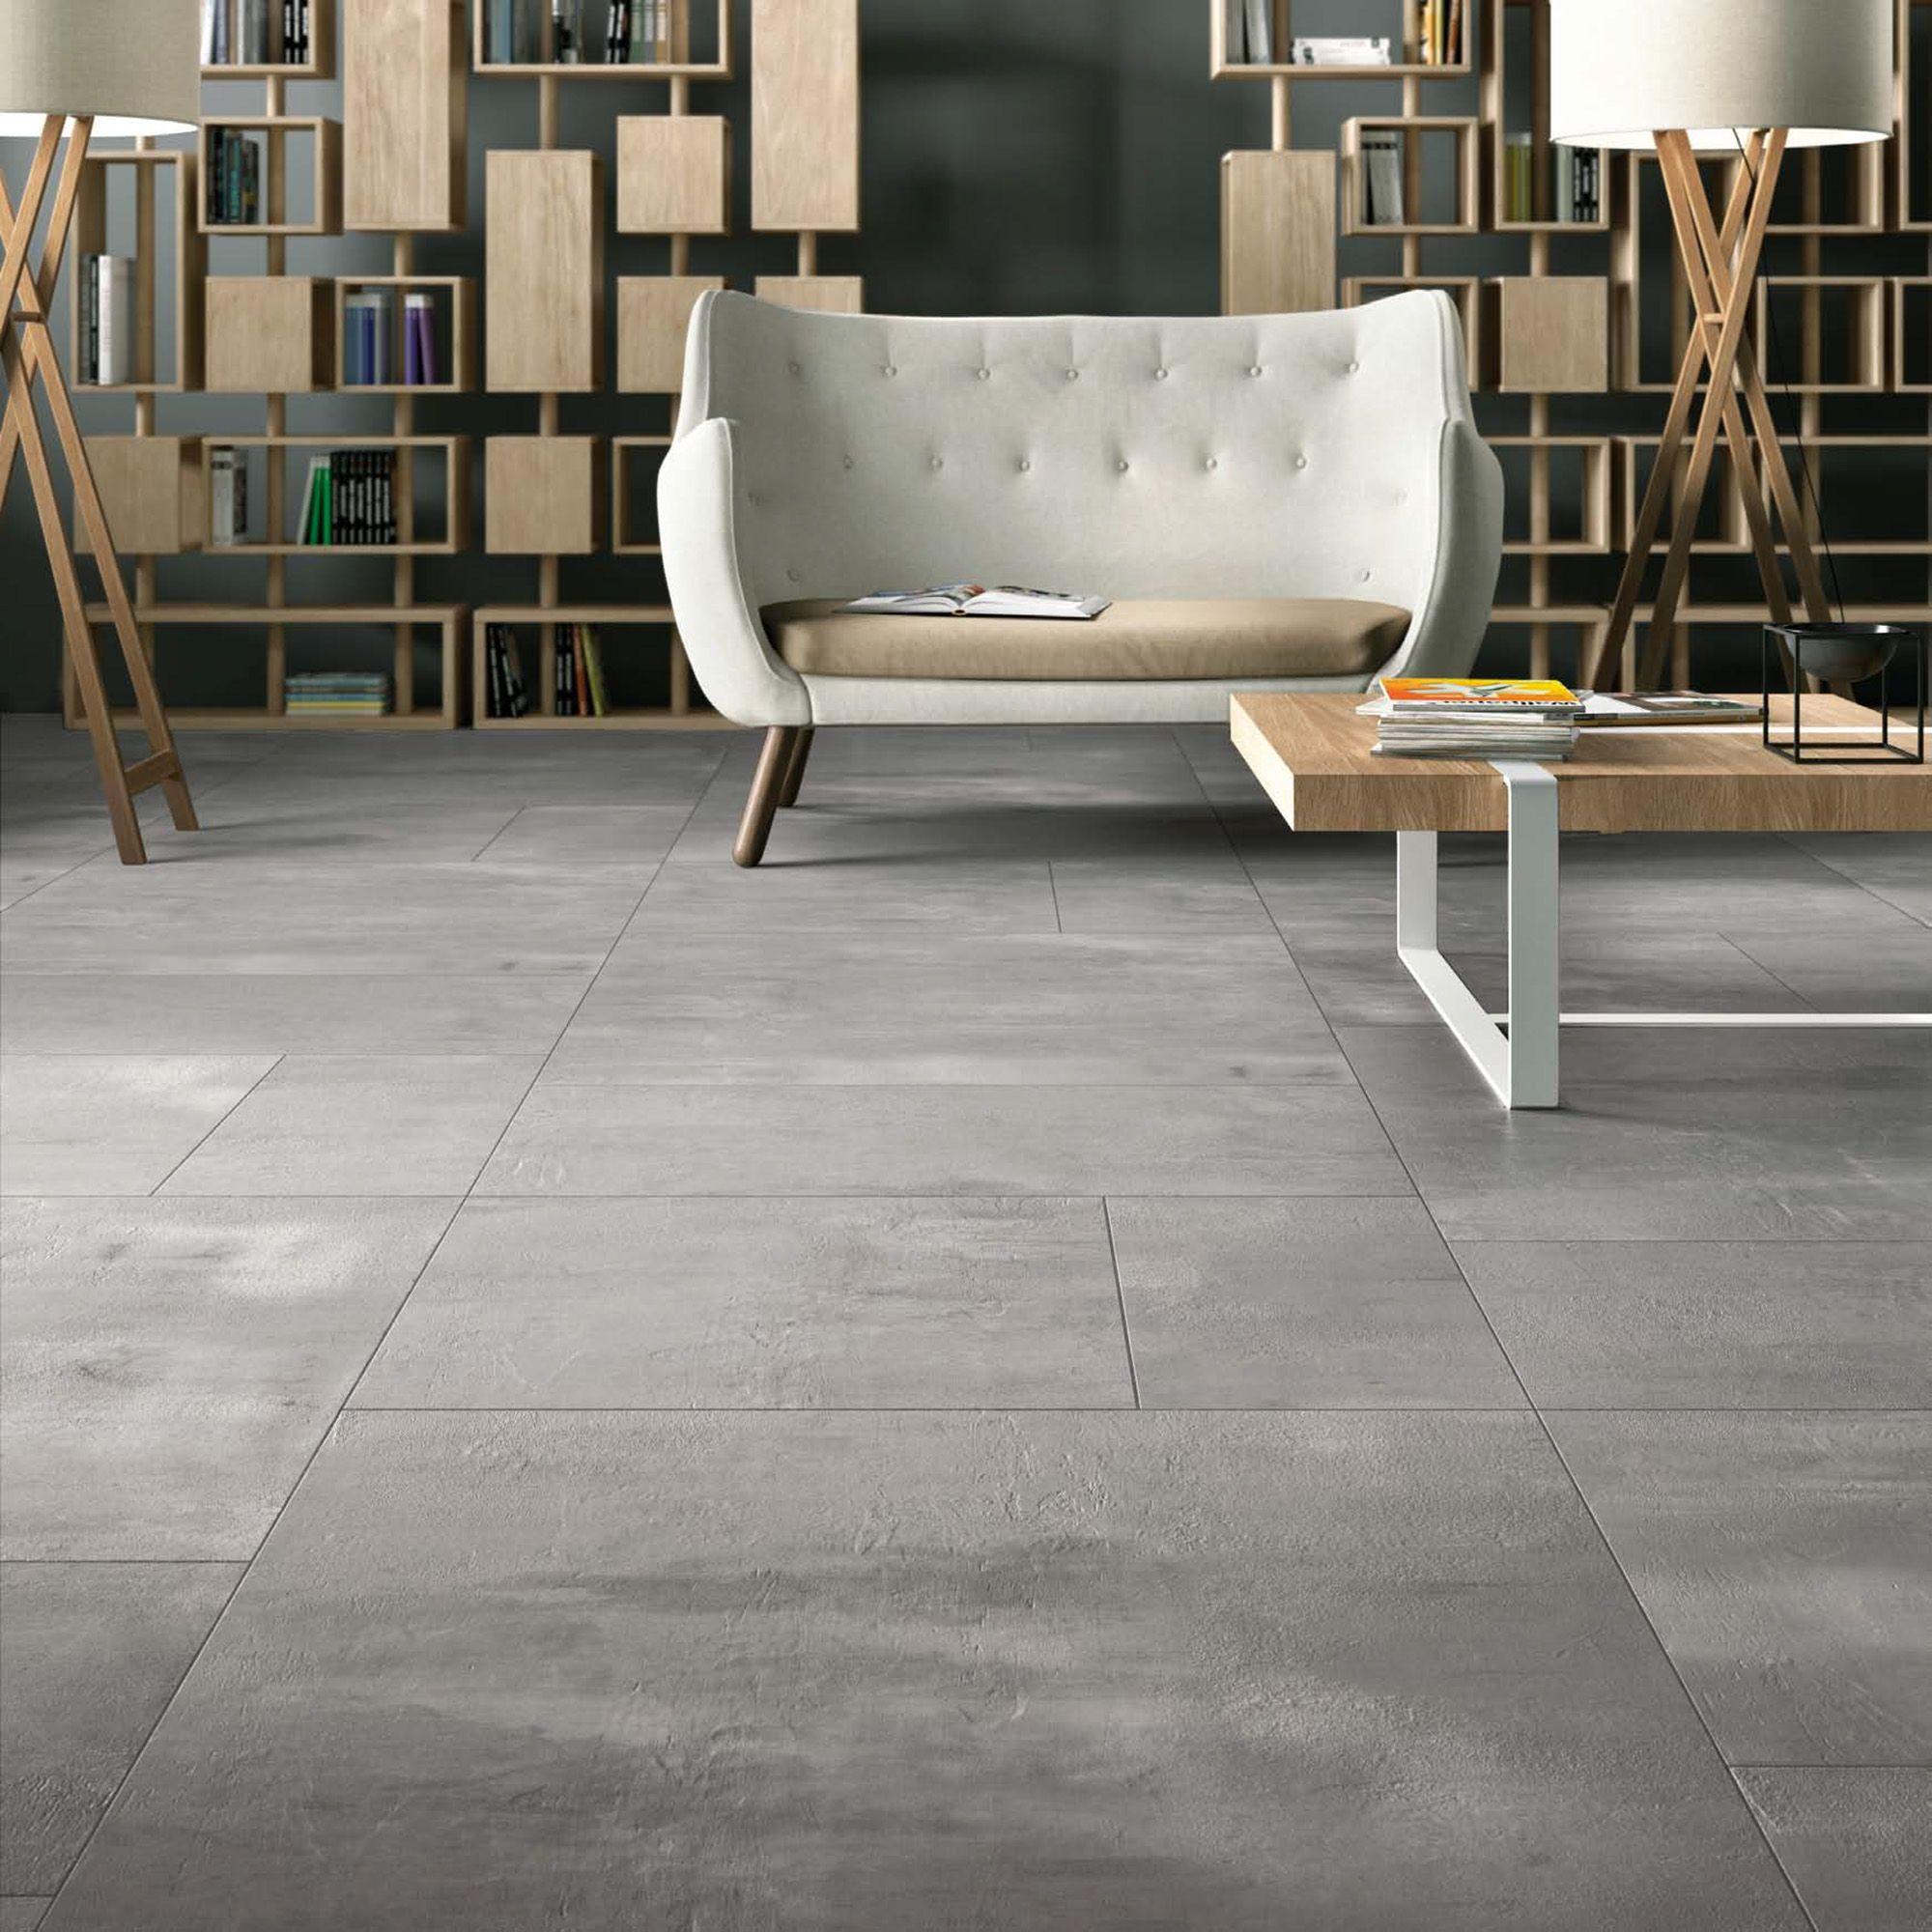 Italian full body porcelain tile foundation series concrete italian full body porcelain tile foundation series concrete dark gray 12x24 dailygadgetfo Images